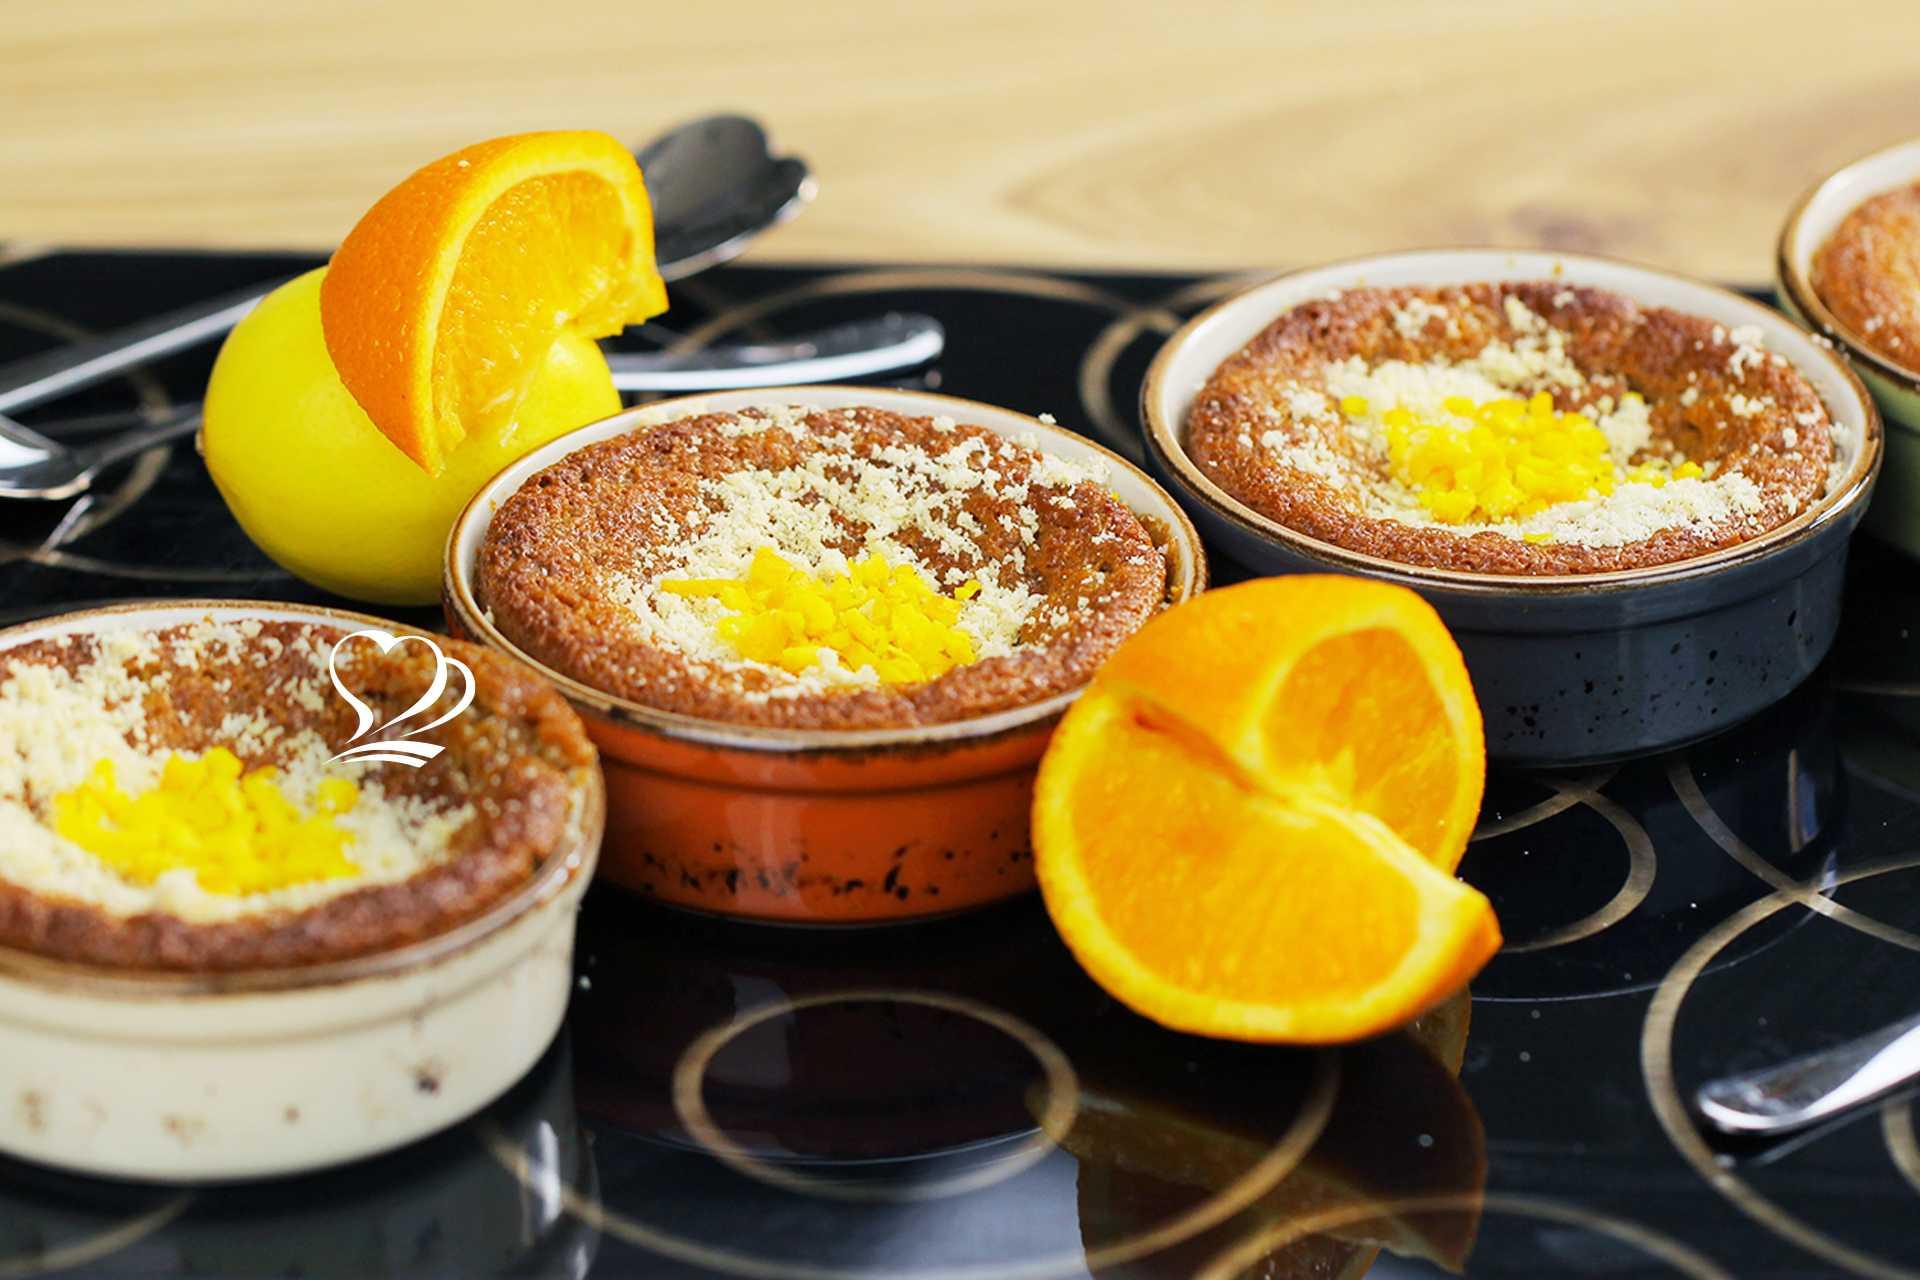 Portakallı Limonlu Fırında Sıcak Helva Tarifi